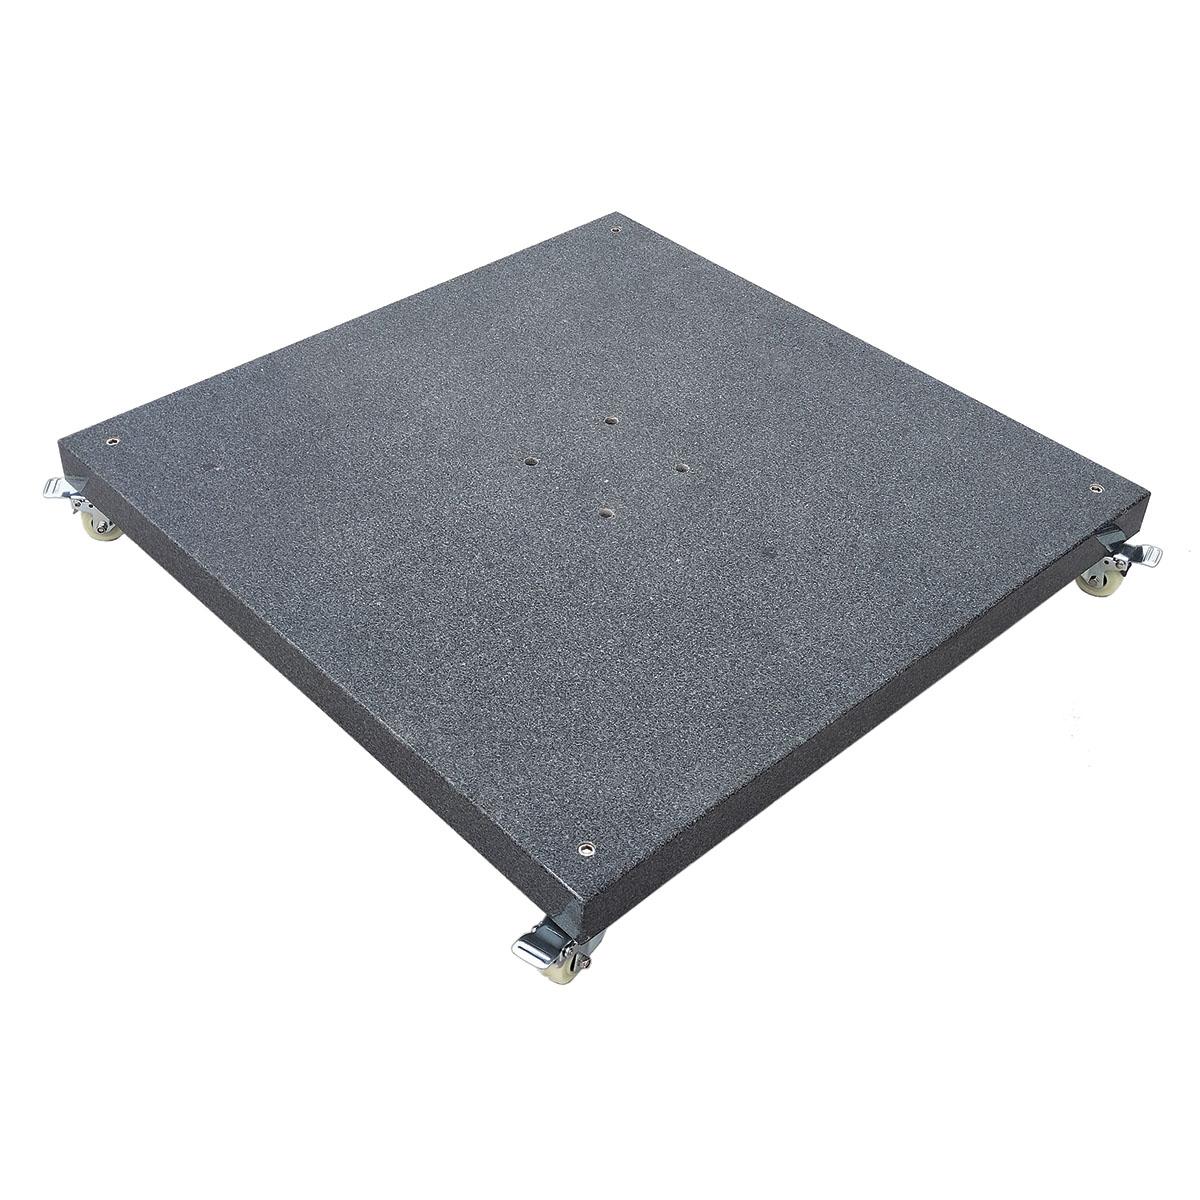 Base à roulettes en granit gris foncé 120 kg